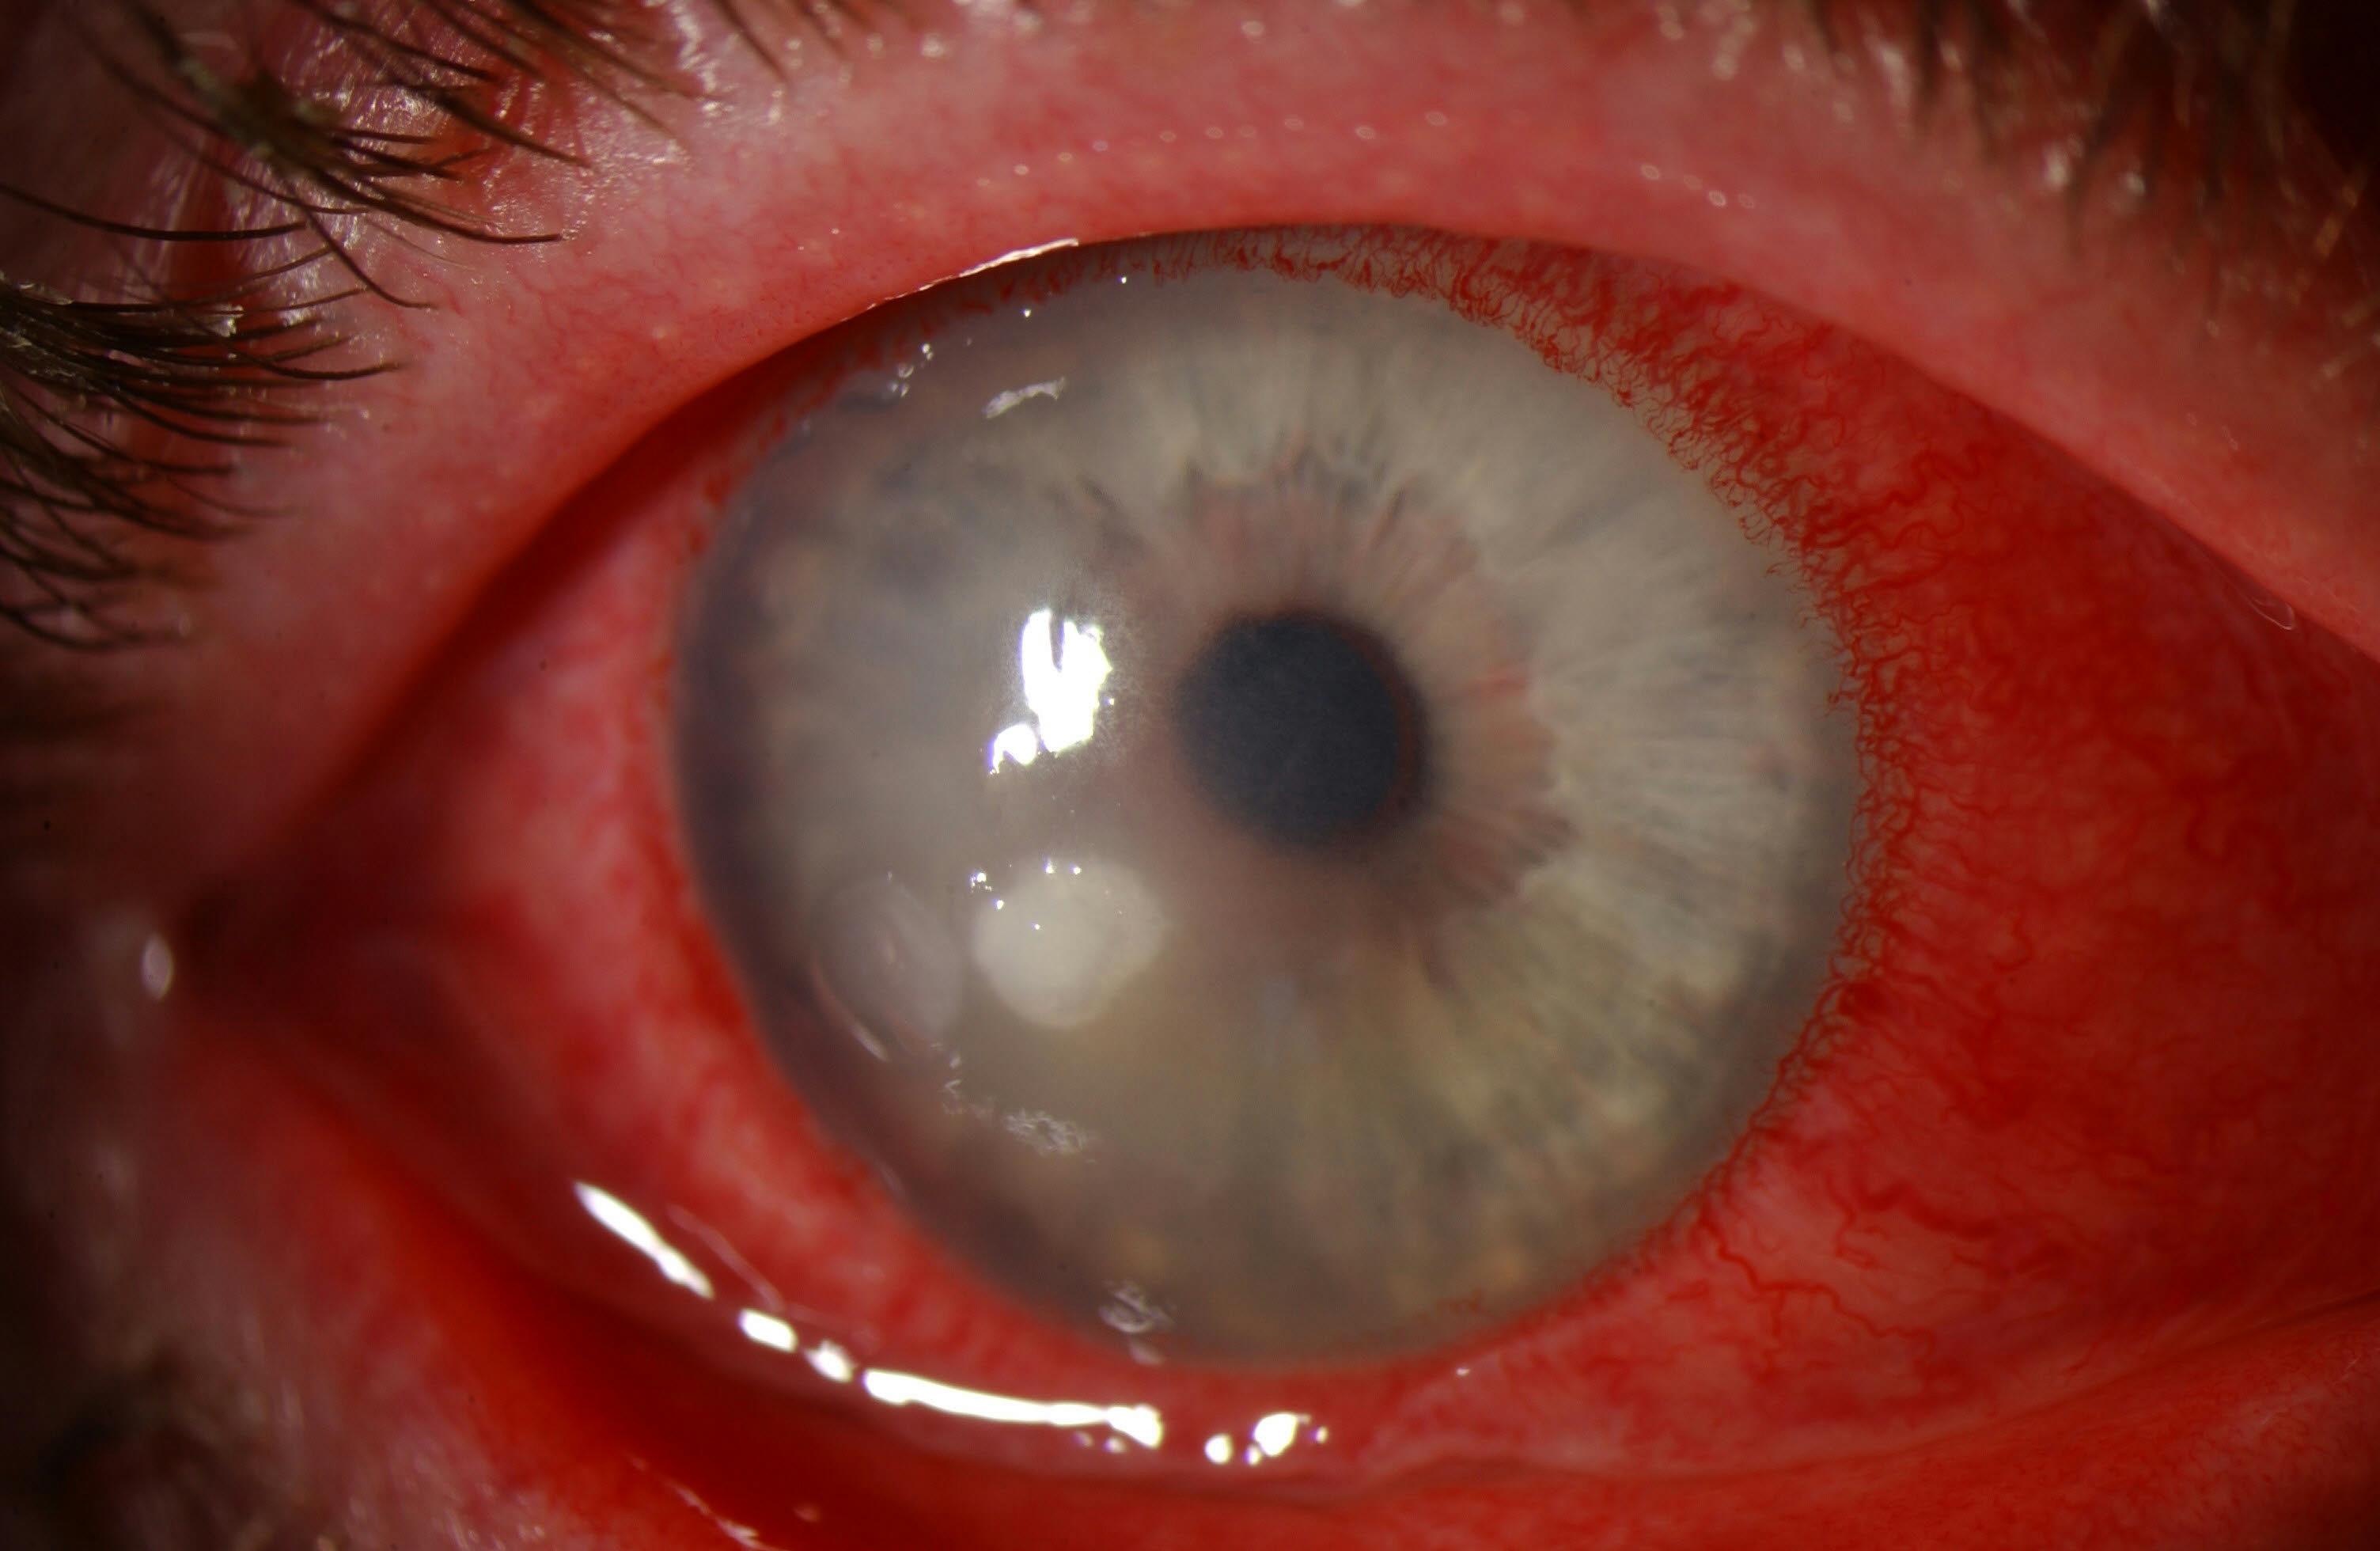 loét giác mạc: triệu chứng